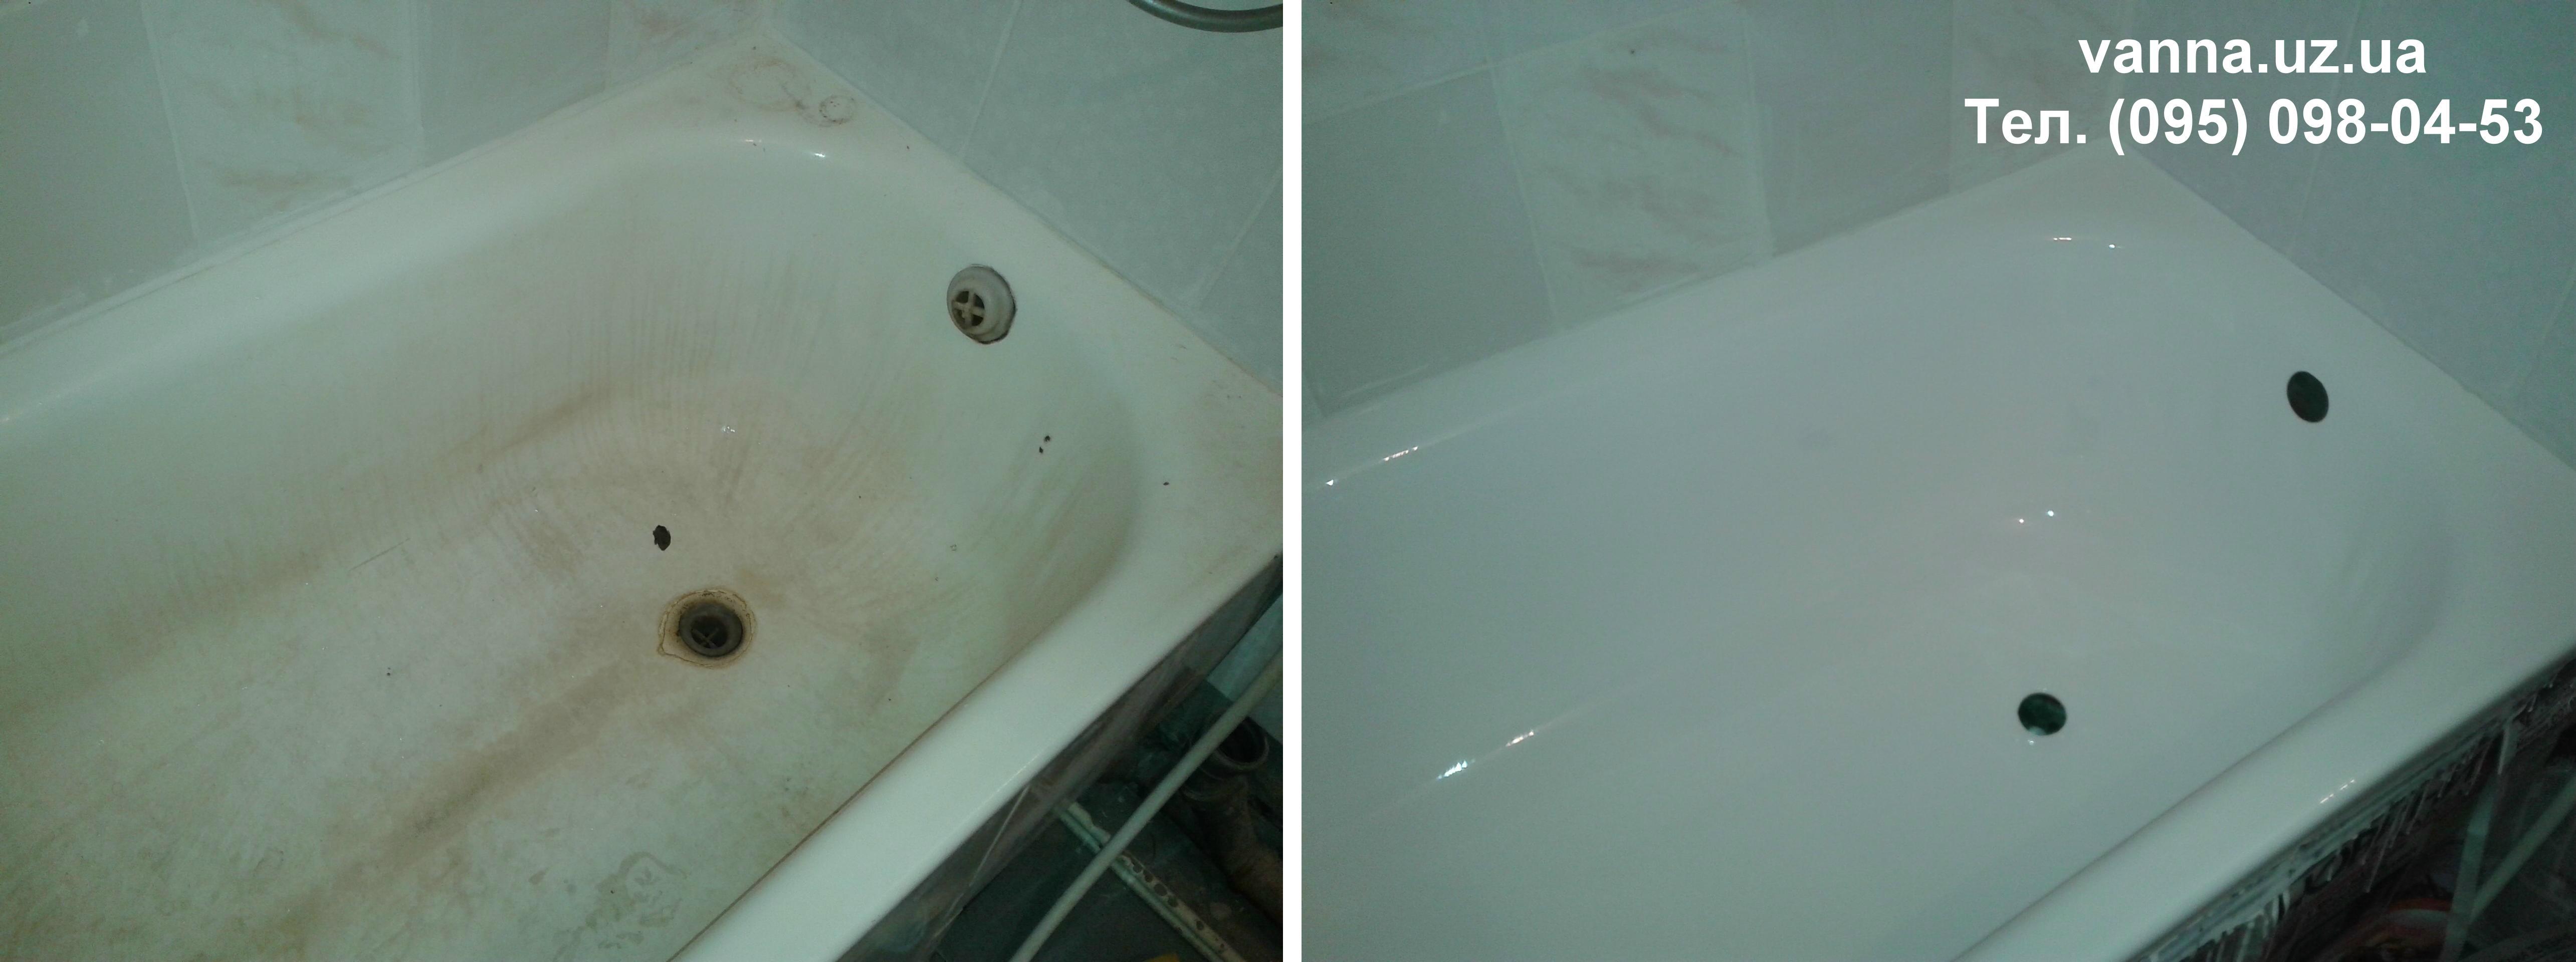 відновлення ванн в ужгороді